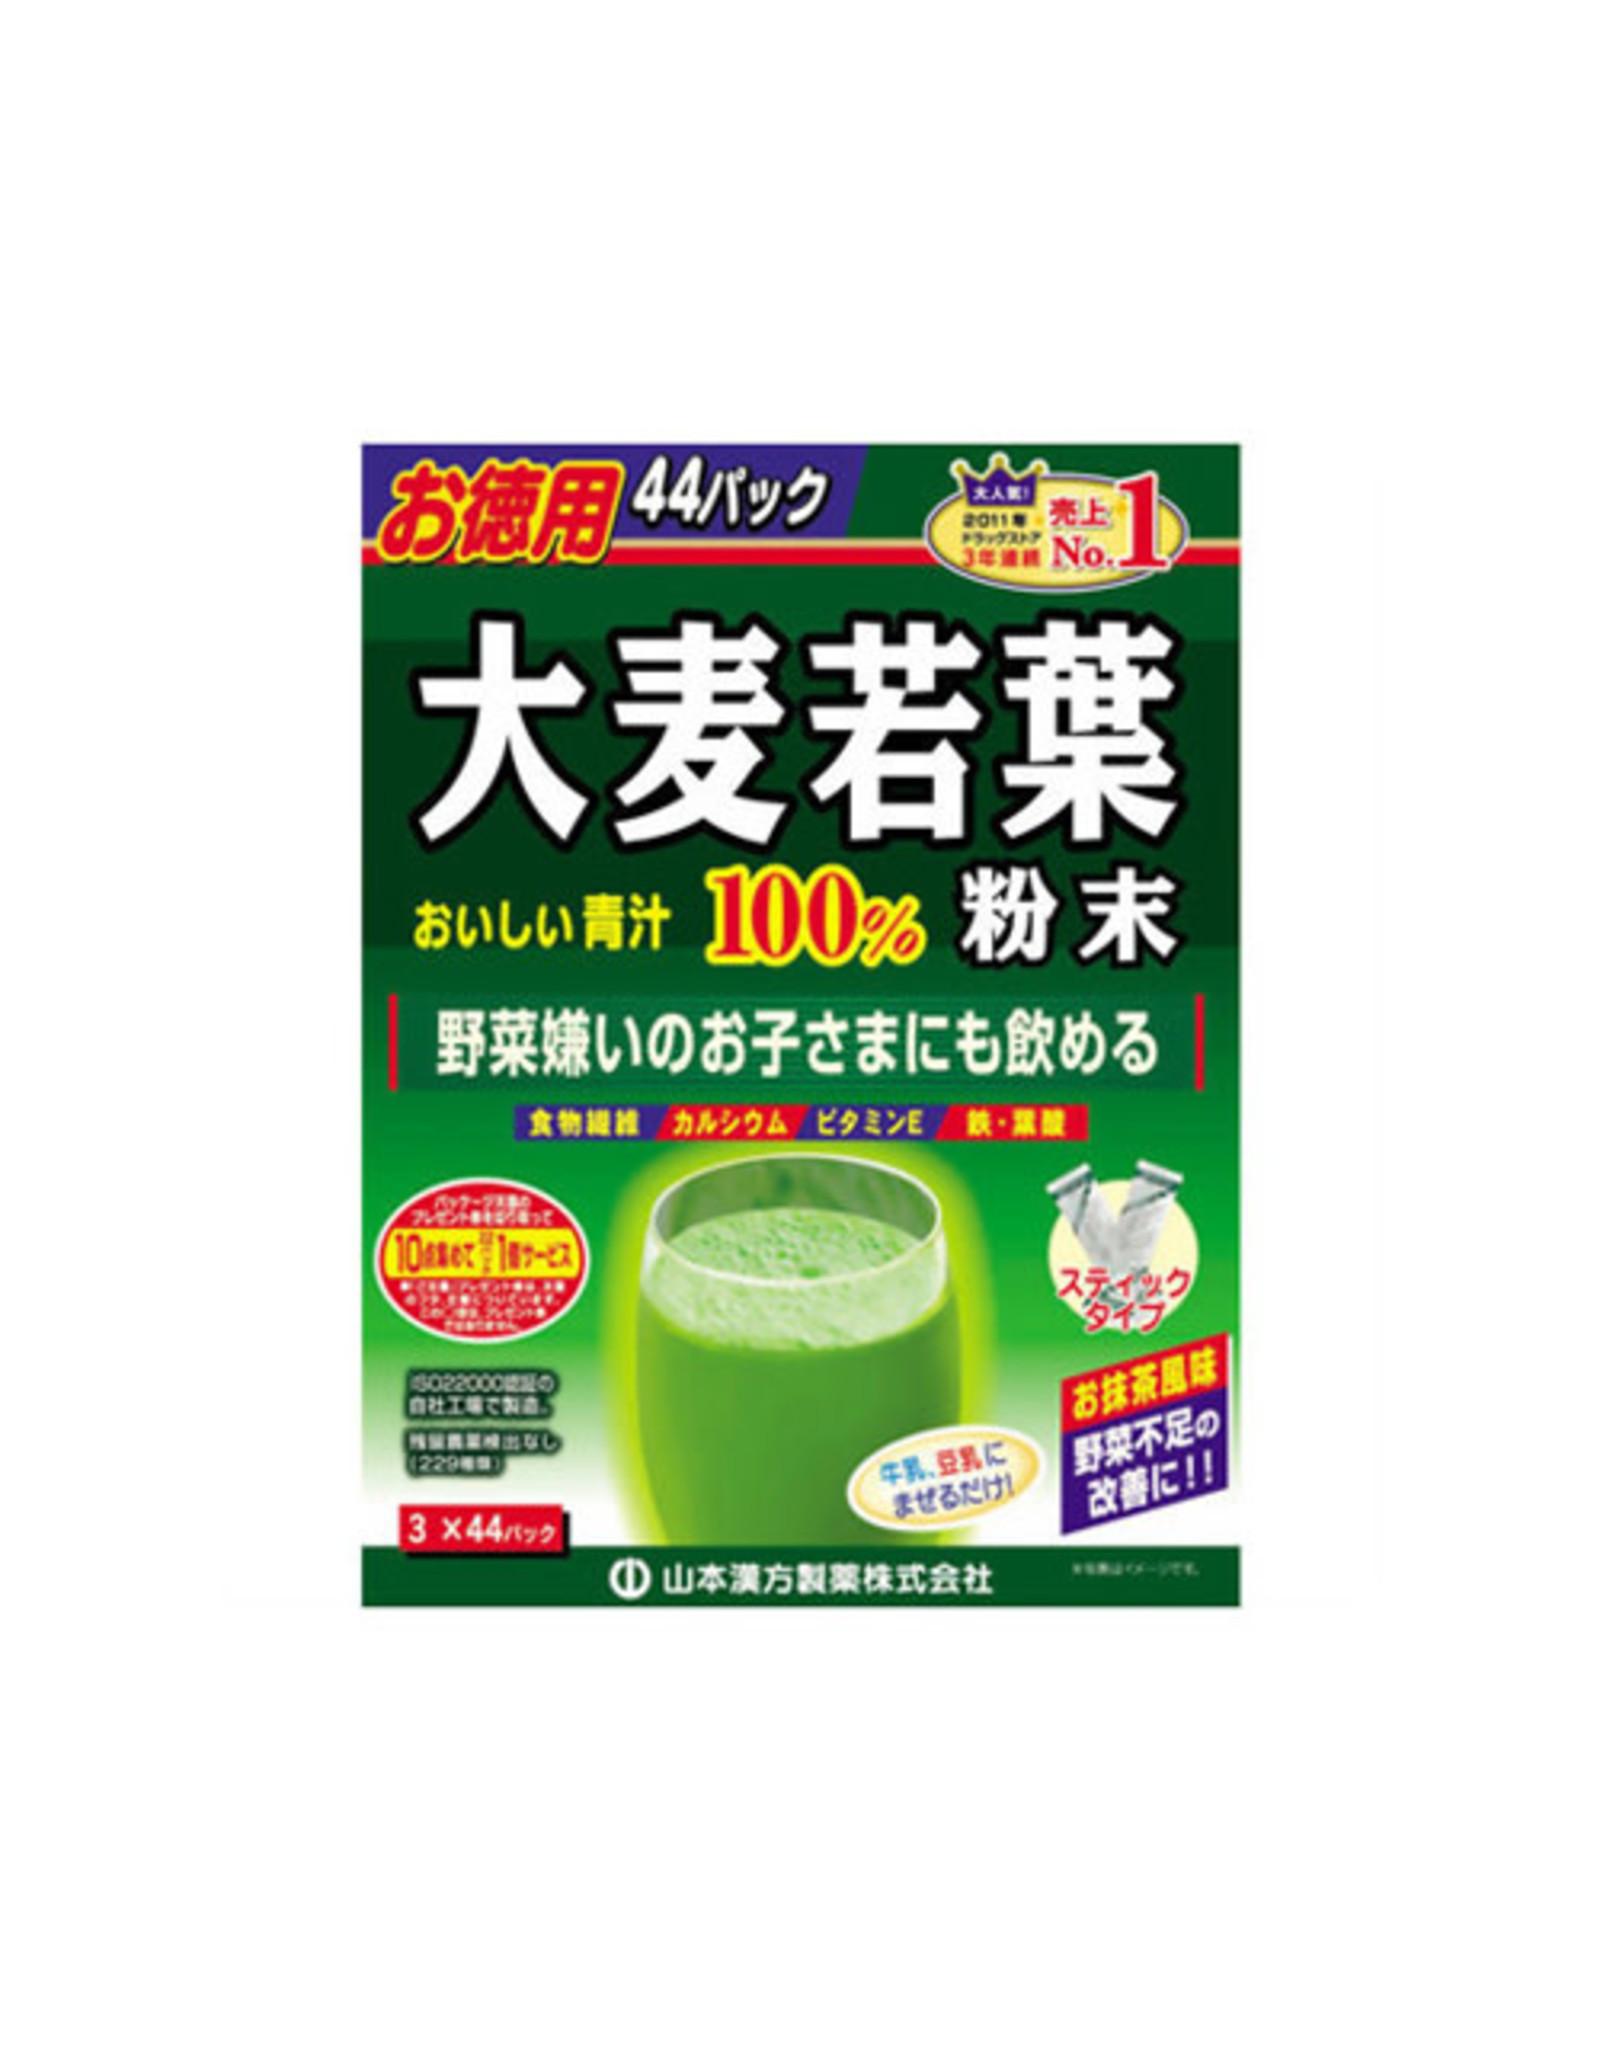 Yamamoto Yamamoto Young Barley Leaf (Oomugi Wakaba) 3G X 44 Bags